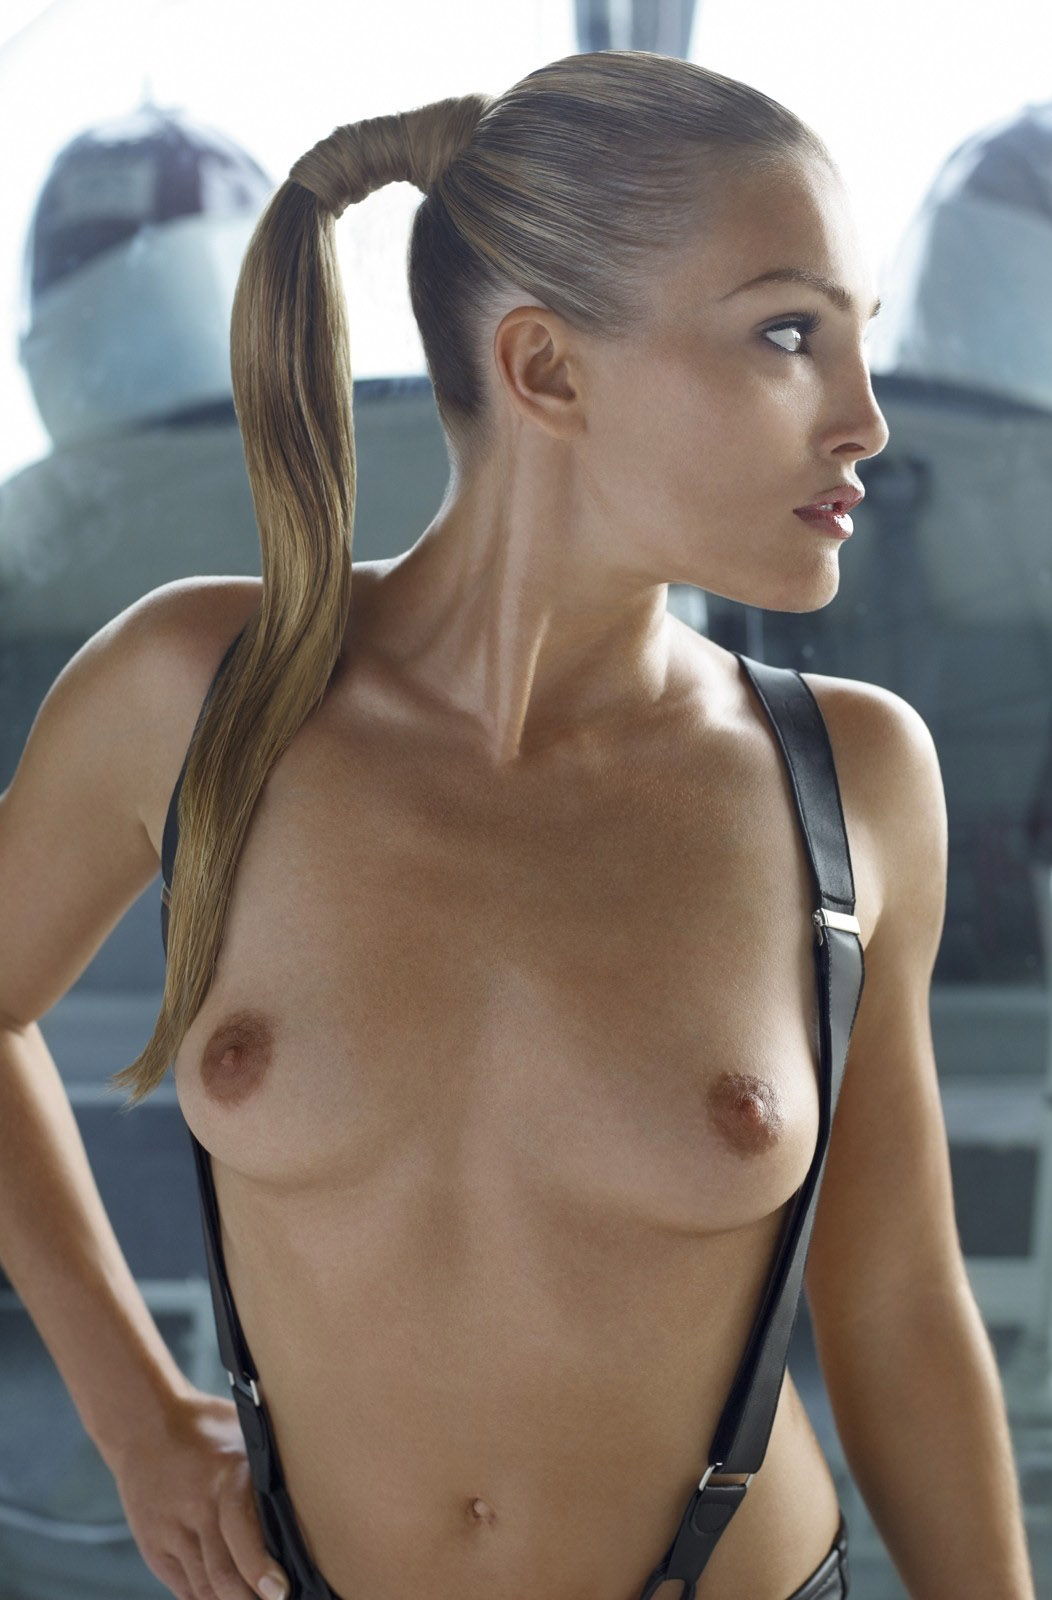 Таня Венцель голая. Фото - 1